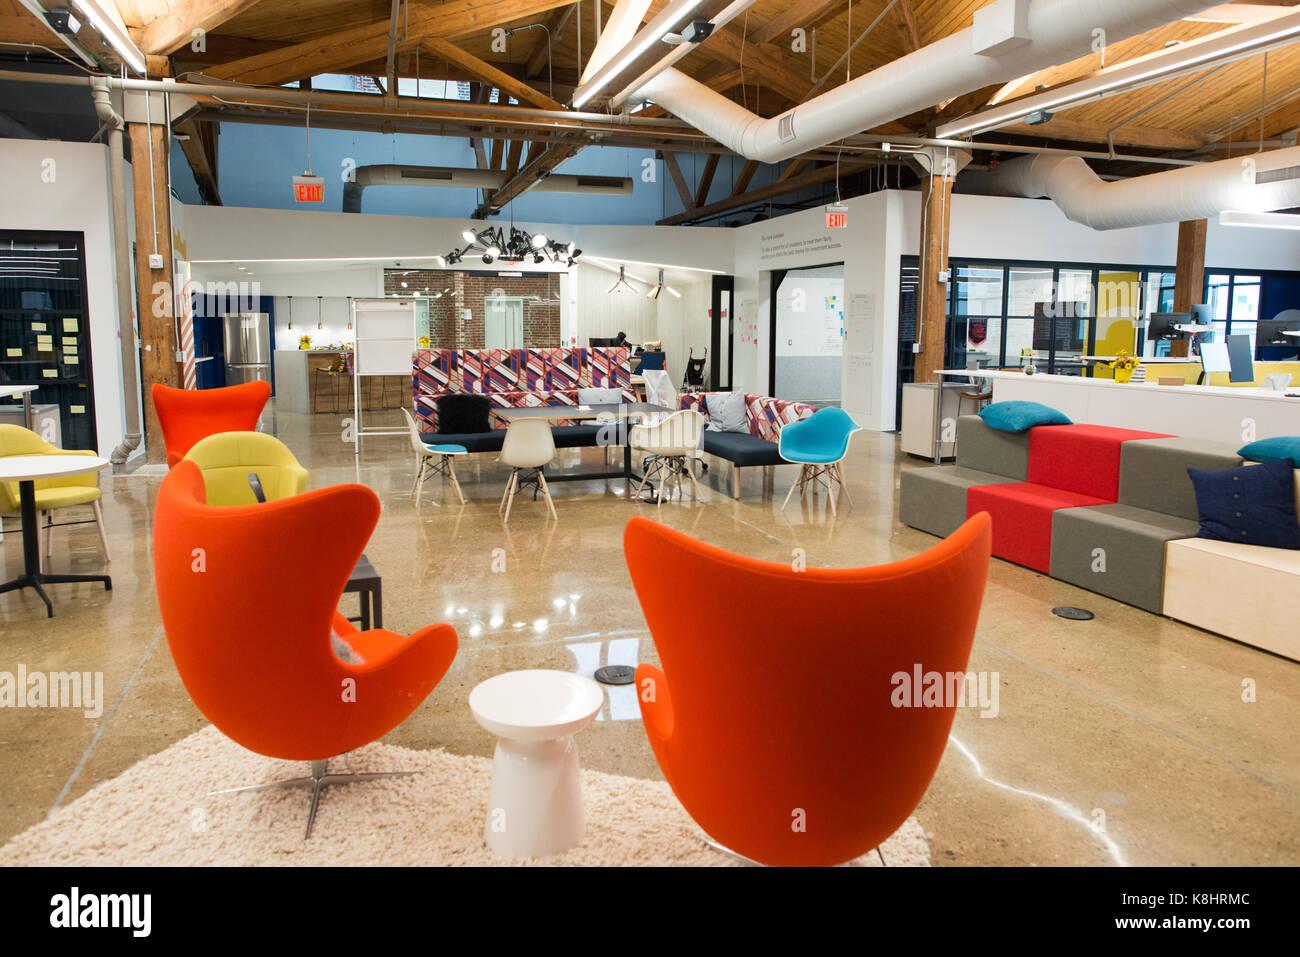 Trendigen, modernen offenen Konzept loft Büro mit großen Fenstern, Tageslicht und ein Layout Zusammenarbeit, Stockbild